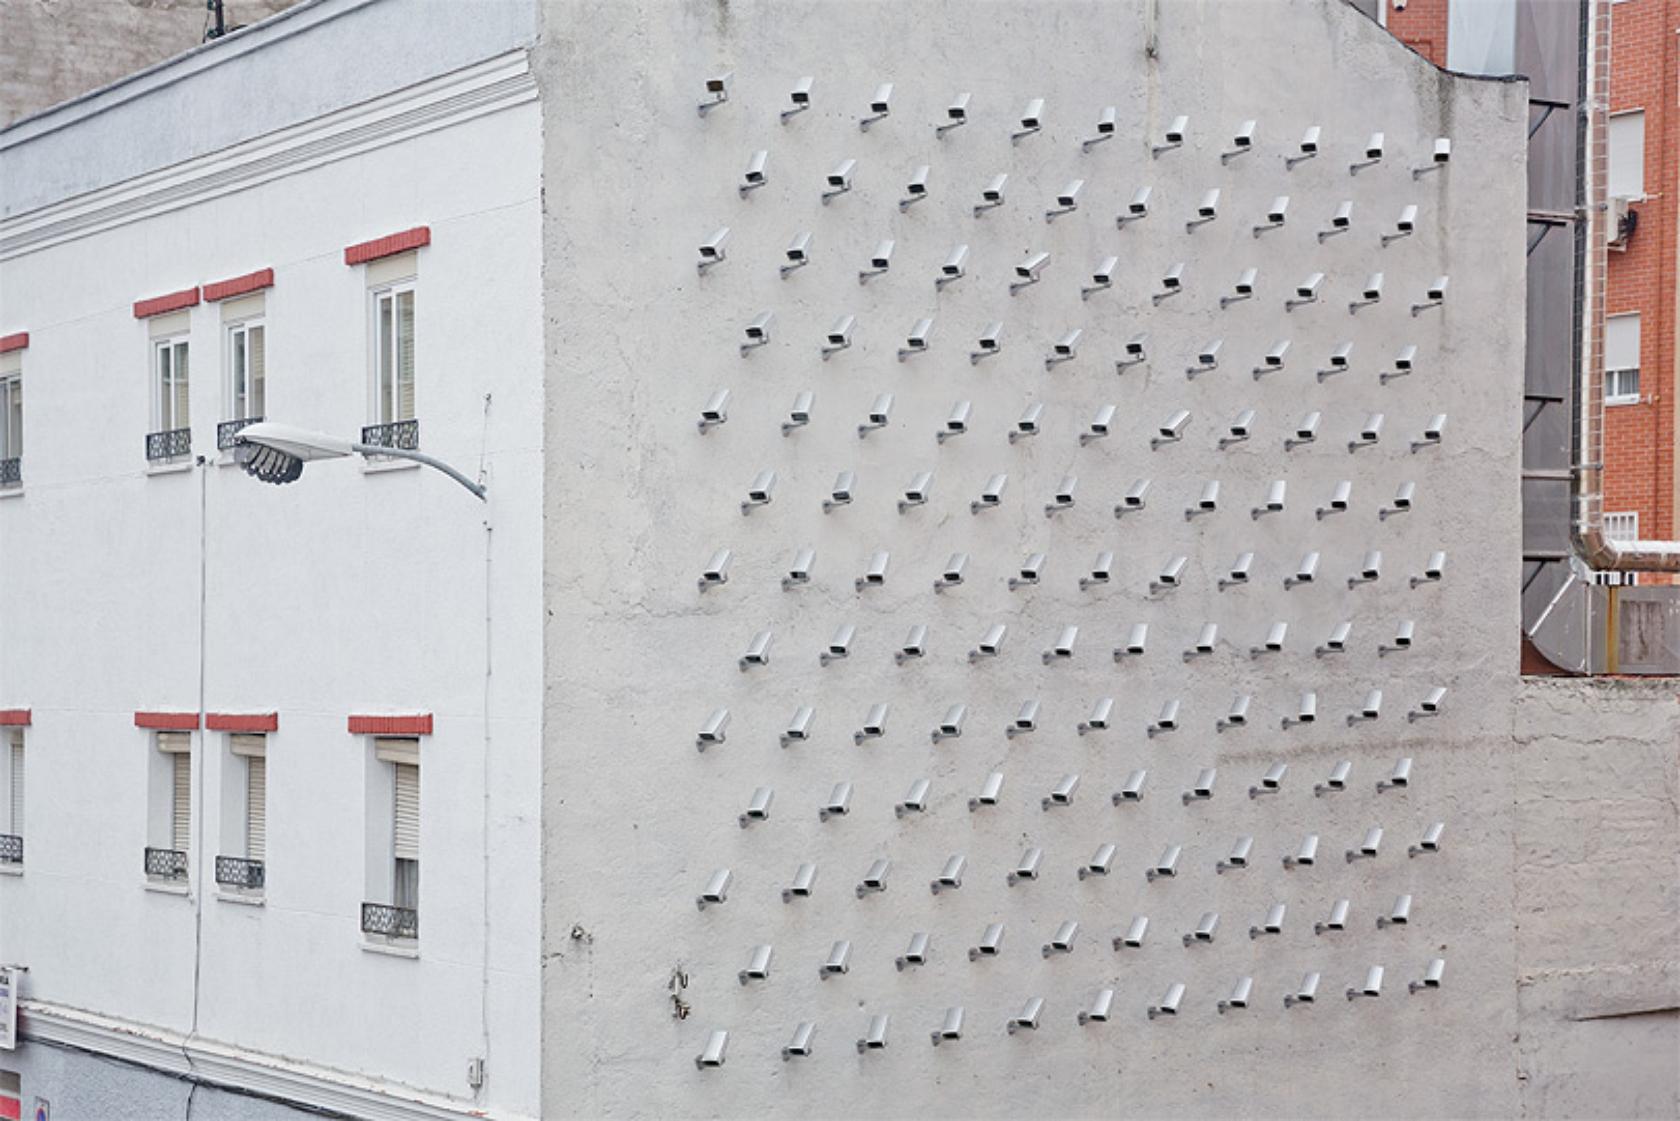 Špijunska kuća sa 150 sigurnosnih kamera